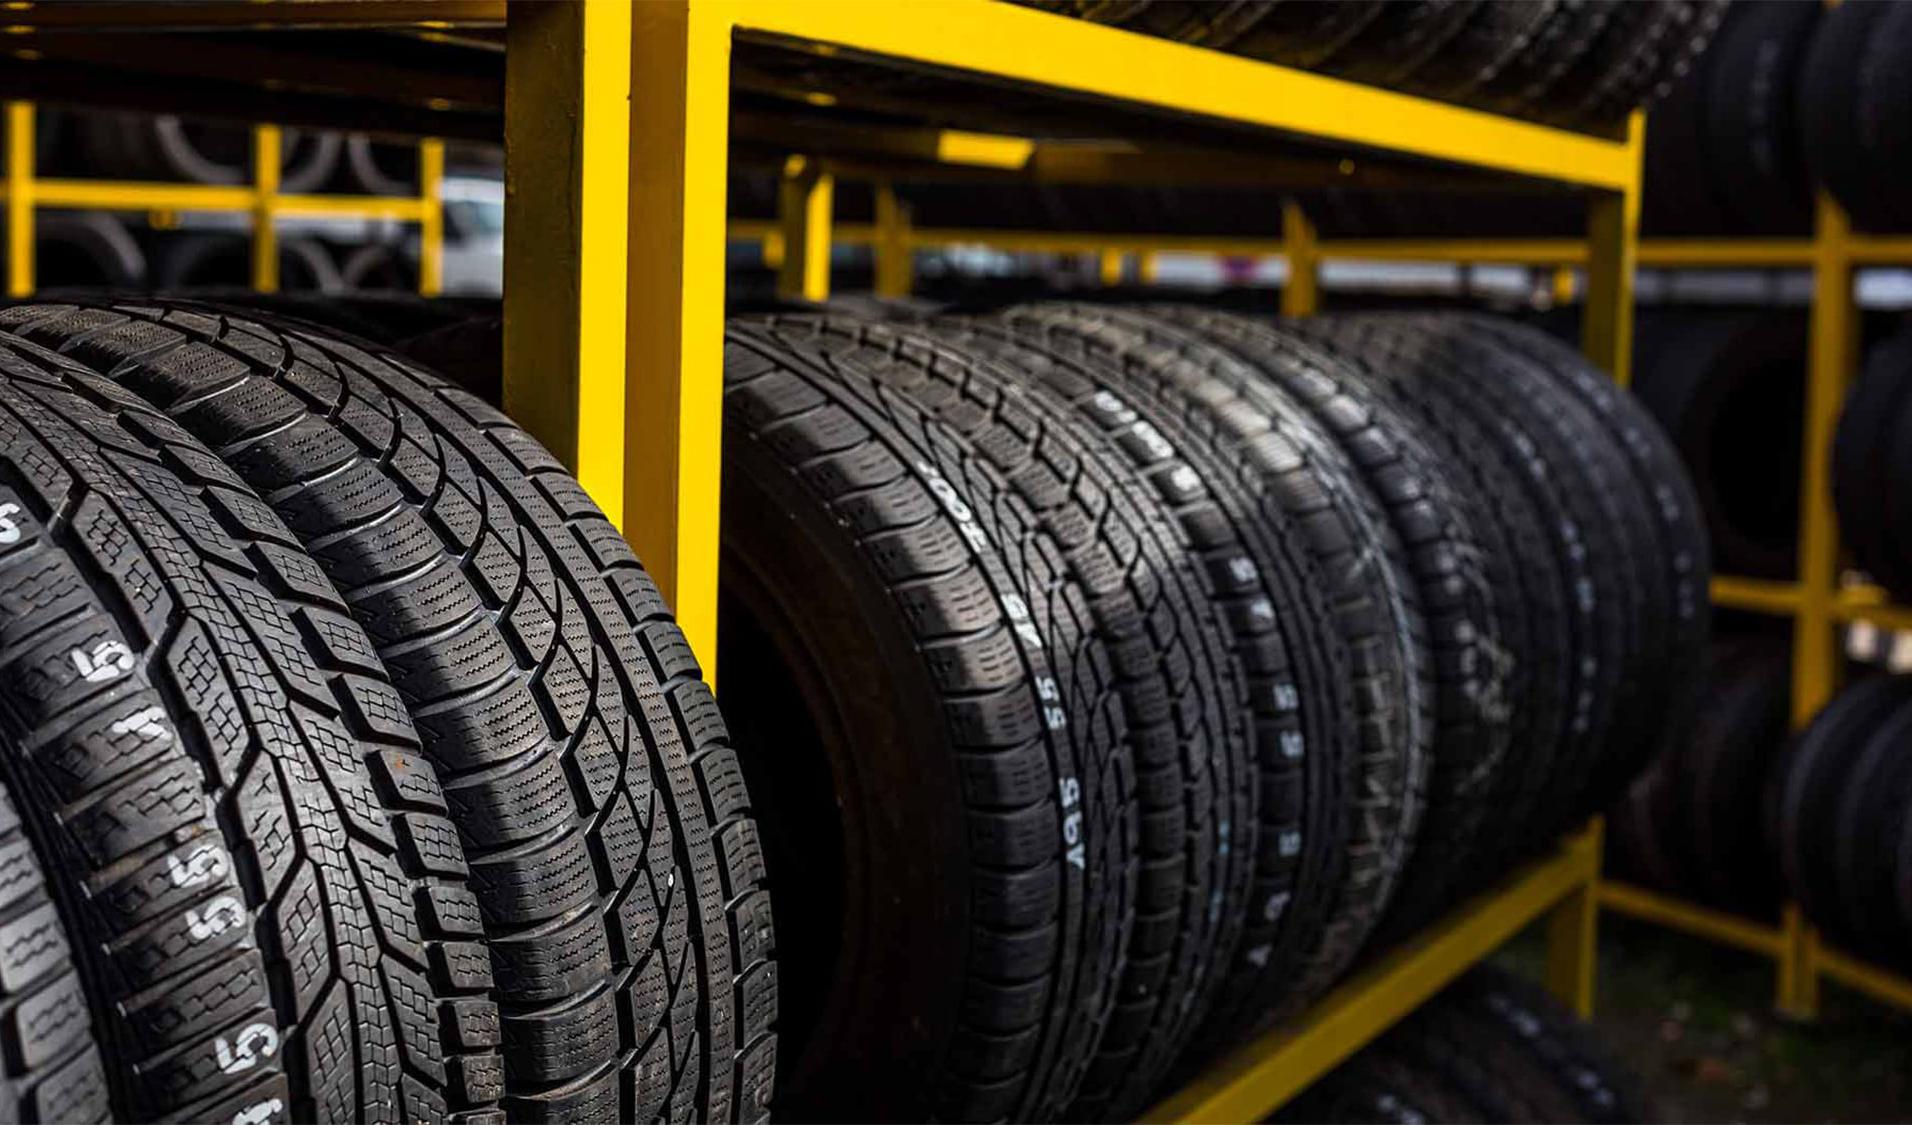 رونق خط تولید لاستیک برای خودروهای شاسی بلند/ بازیافت تایر فراموش شده است